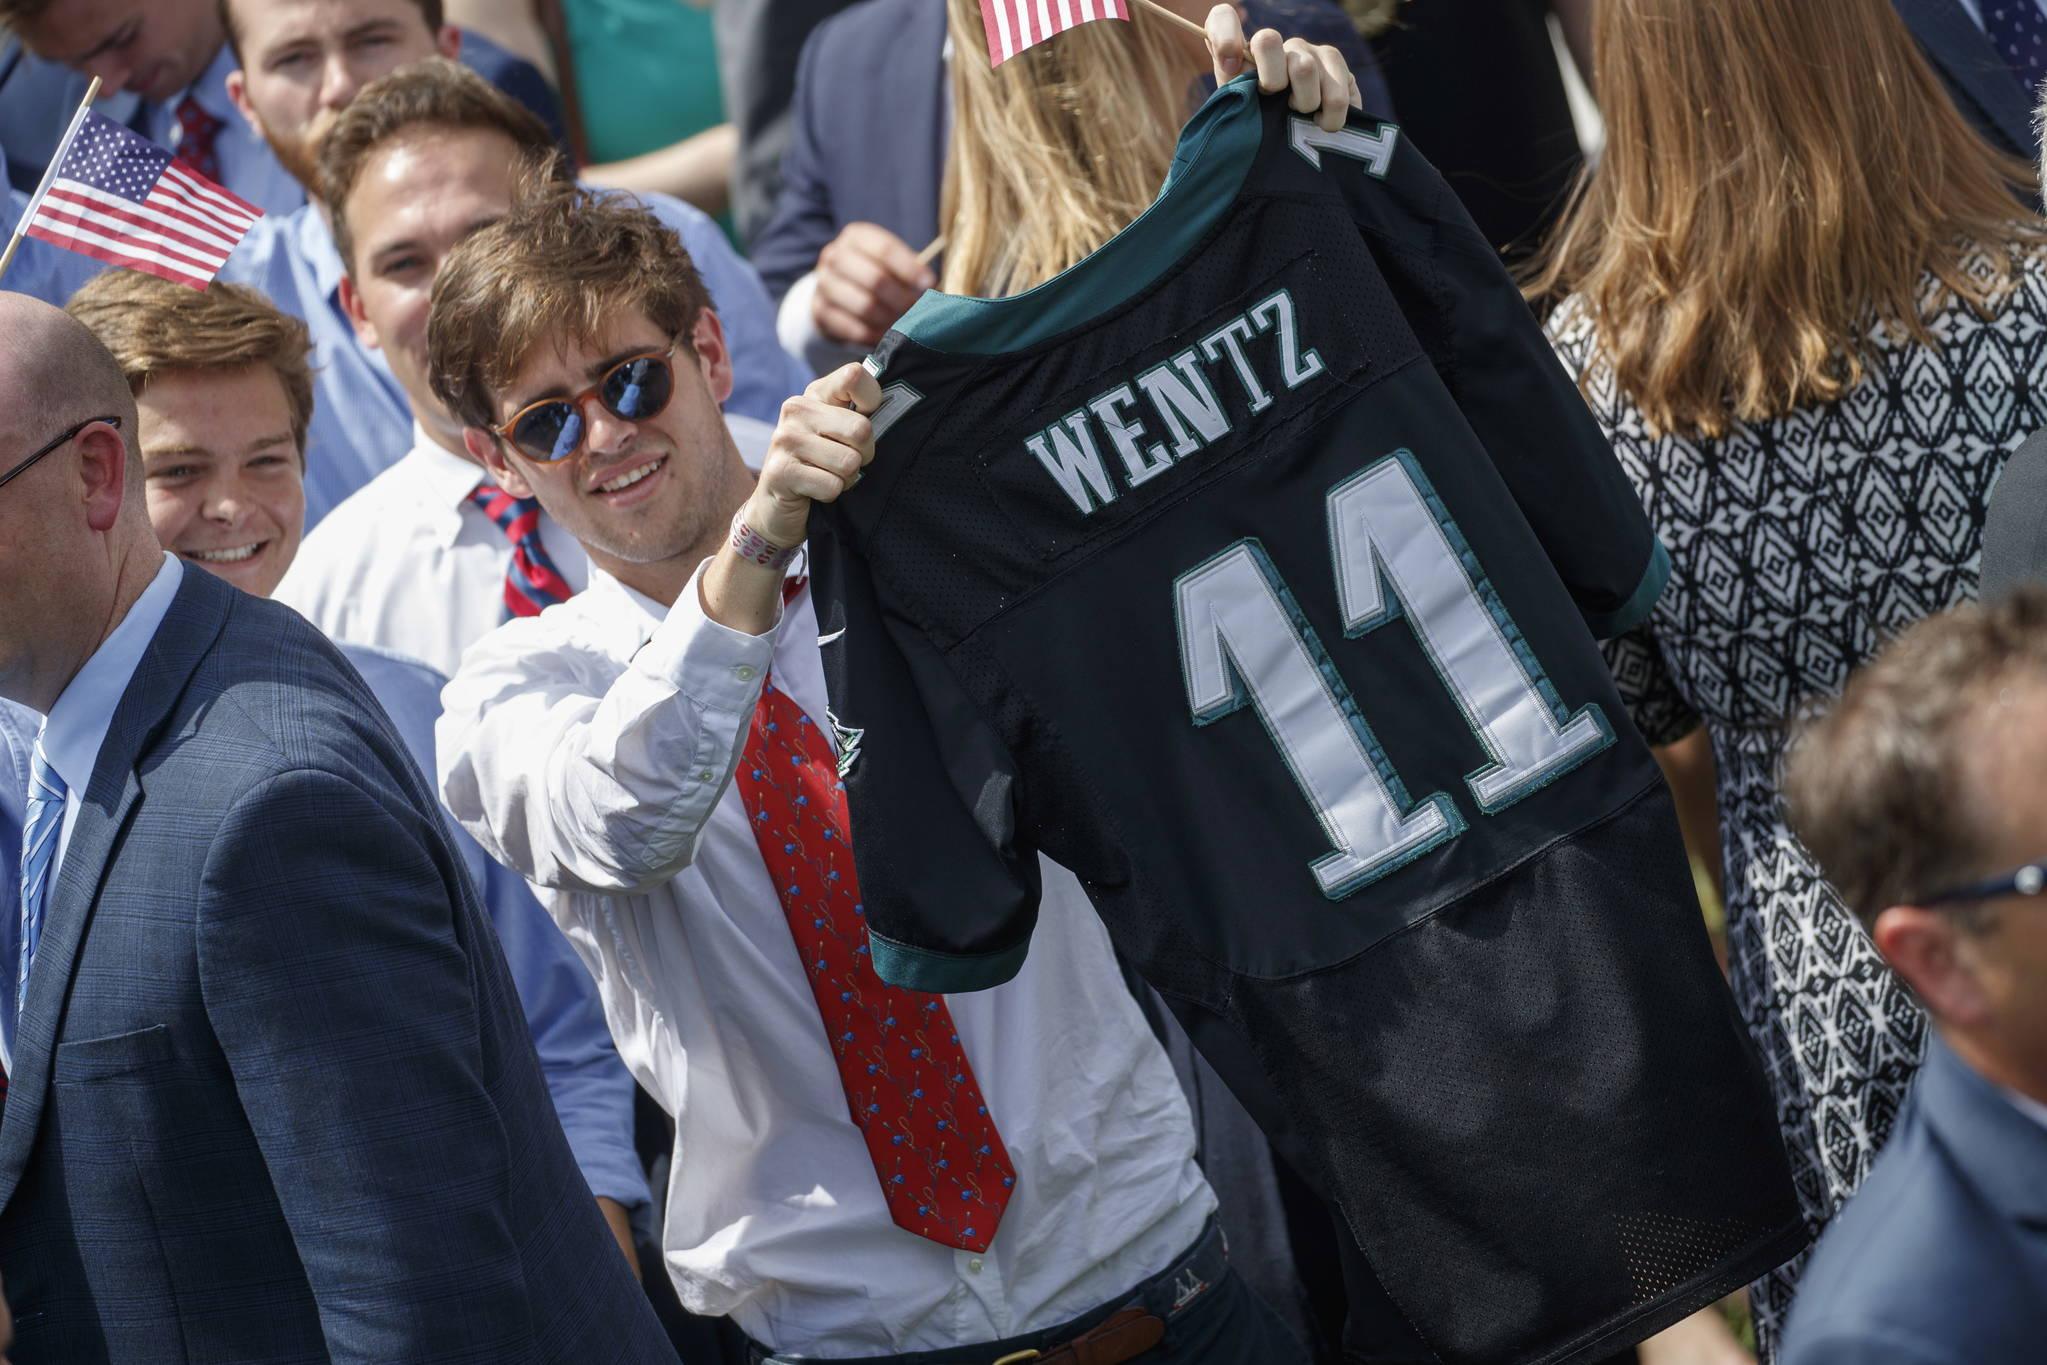 행사에 참여한 필라델피아 이글스의 한 팬이 쿼터백 카슨 웬츠의 유니폼을 흔들어 보이고 있다. [AP 연합뉴스]